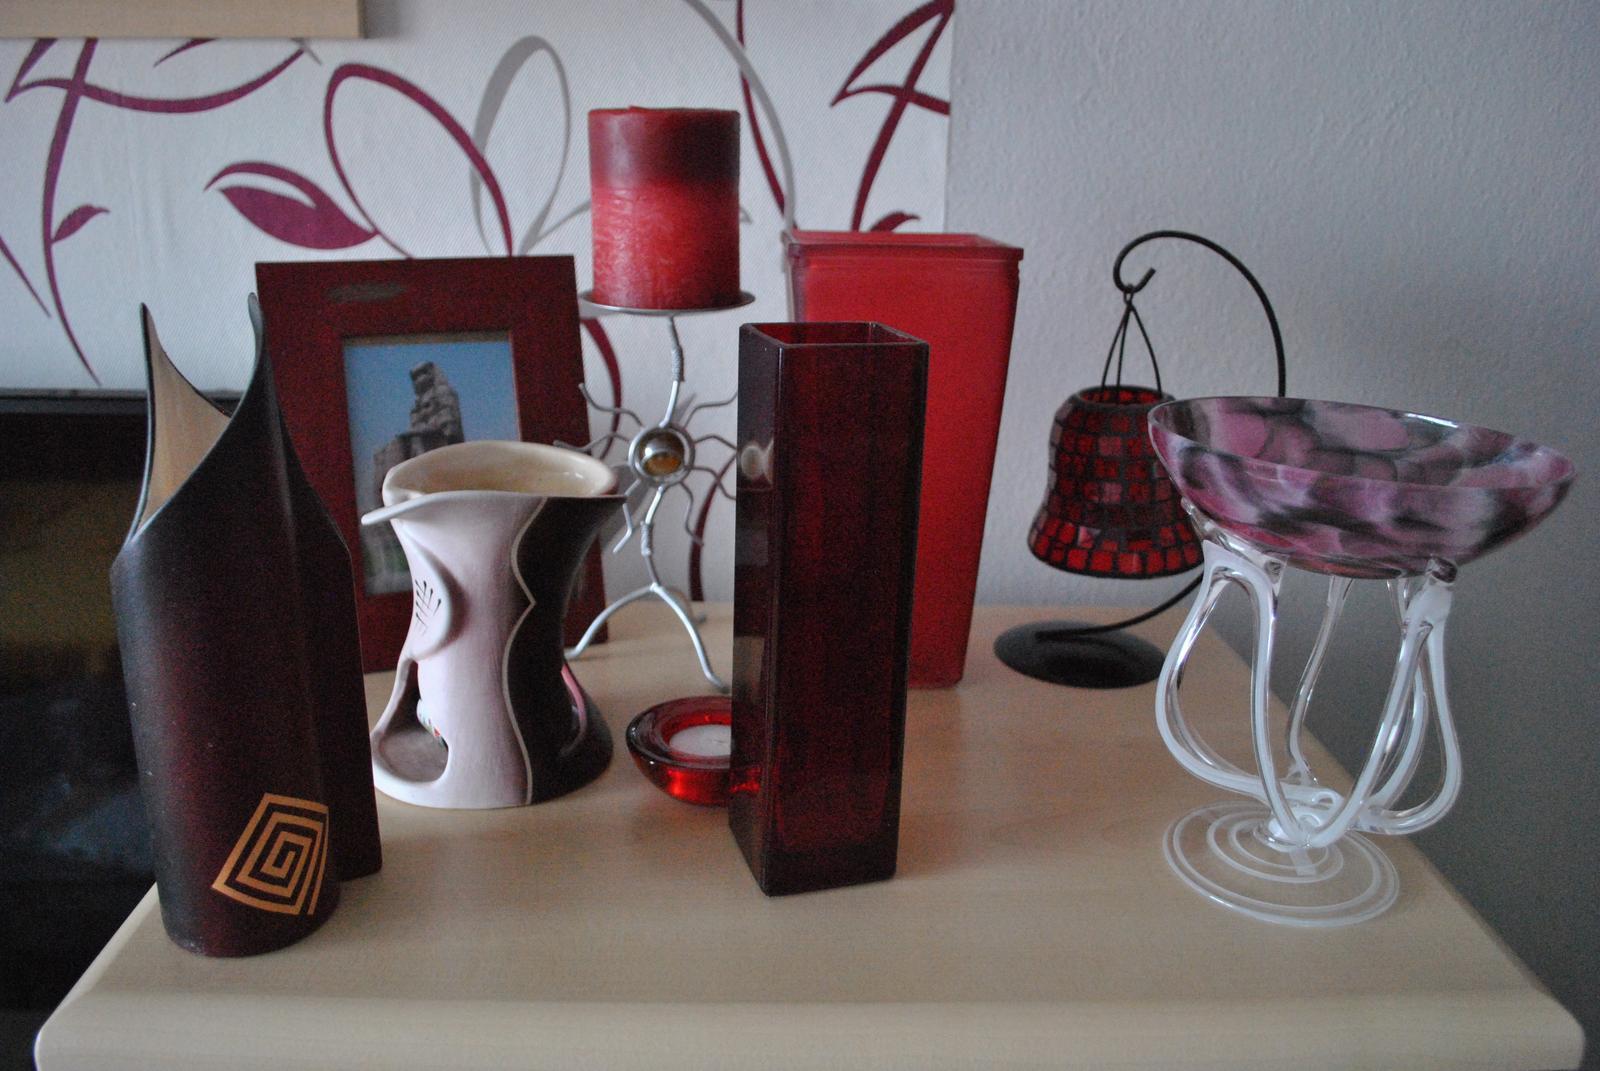 bordové doplnky - vázy, sviečka, aromalampa, rámik - Obrázok č. 1